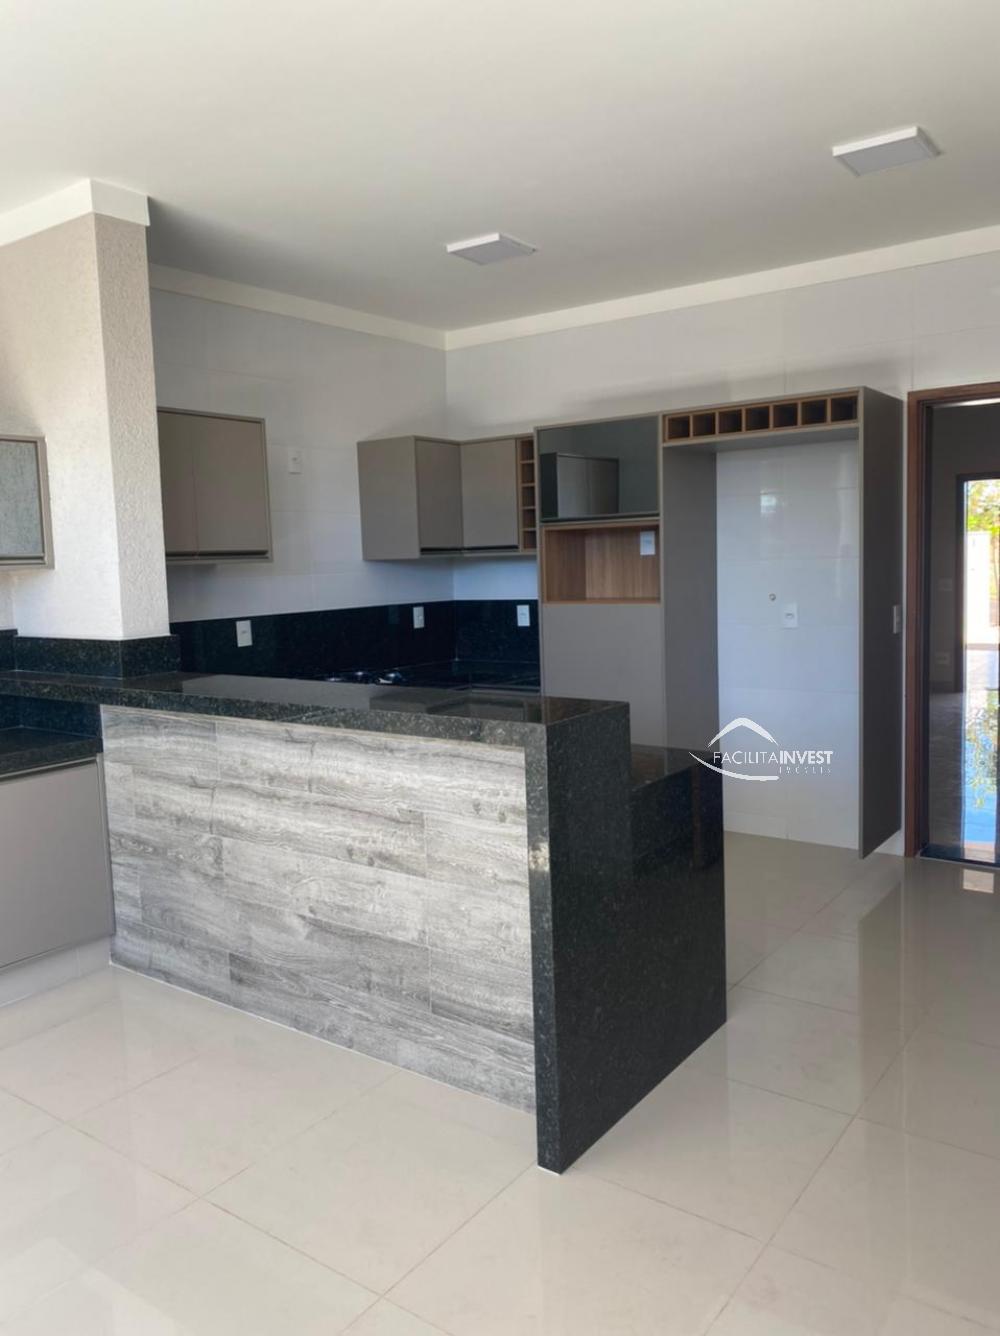 Comprar Casa Condomínio / Casa Condomínio em Ribeirão Preto R$ 875.000,00 - Foto 12